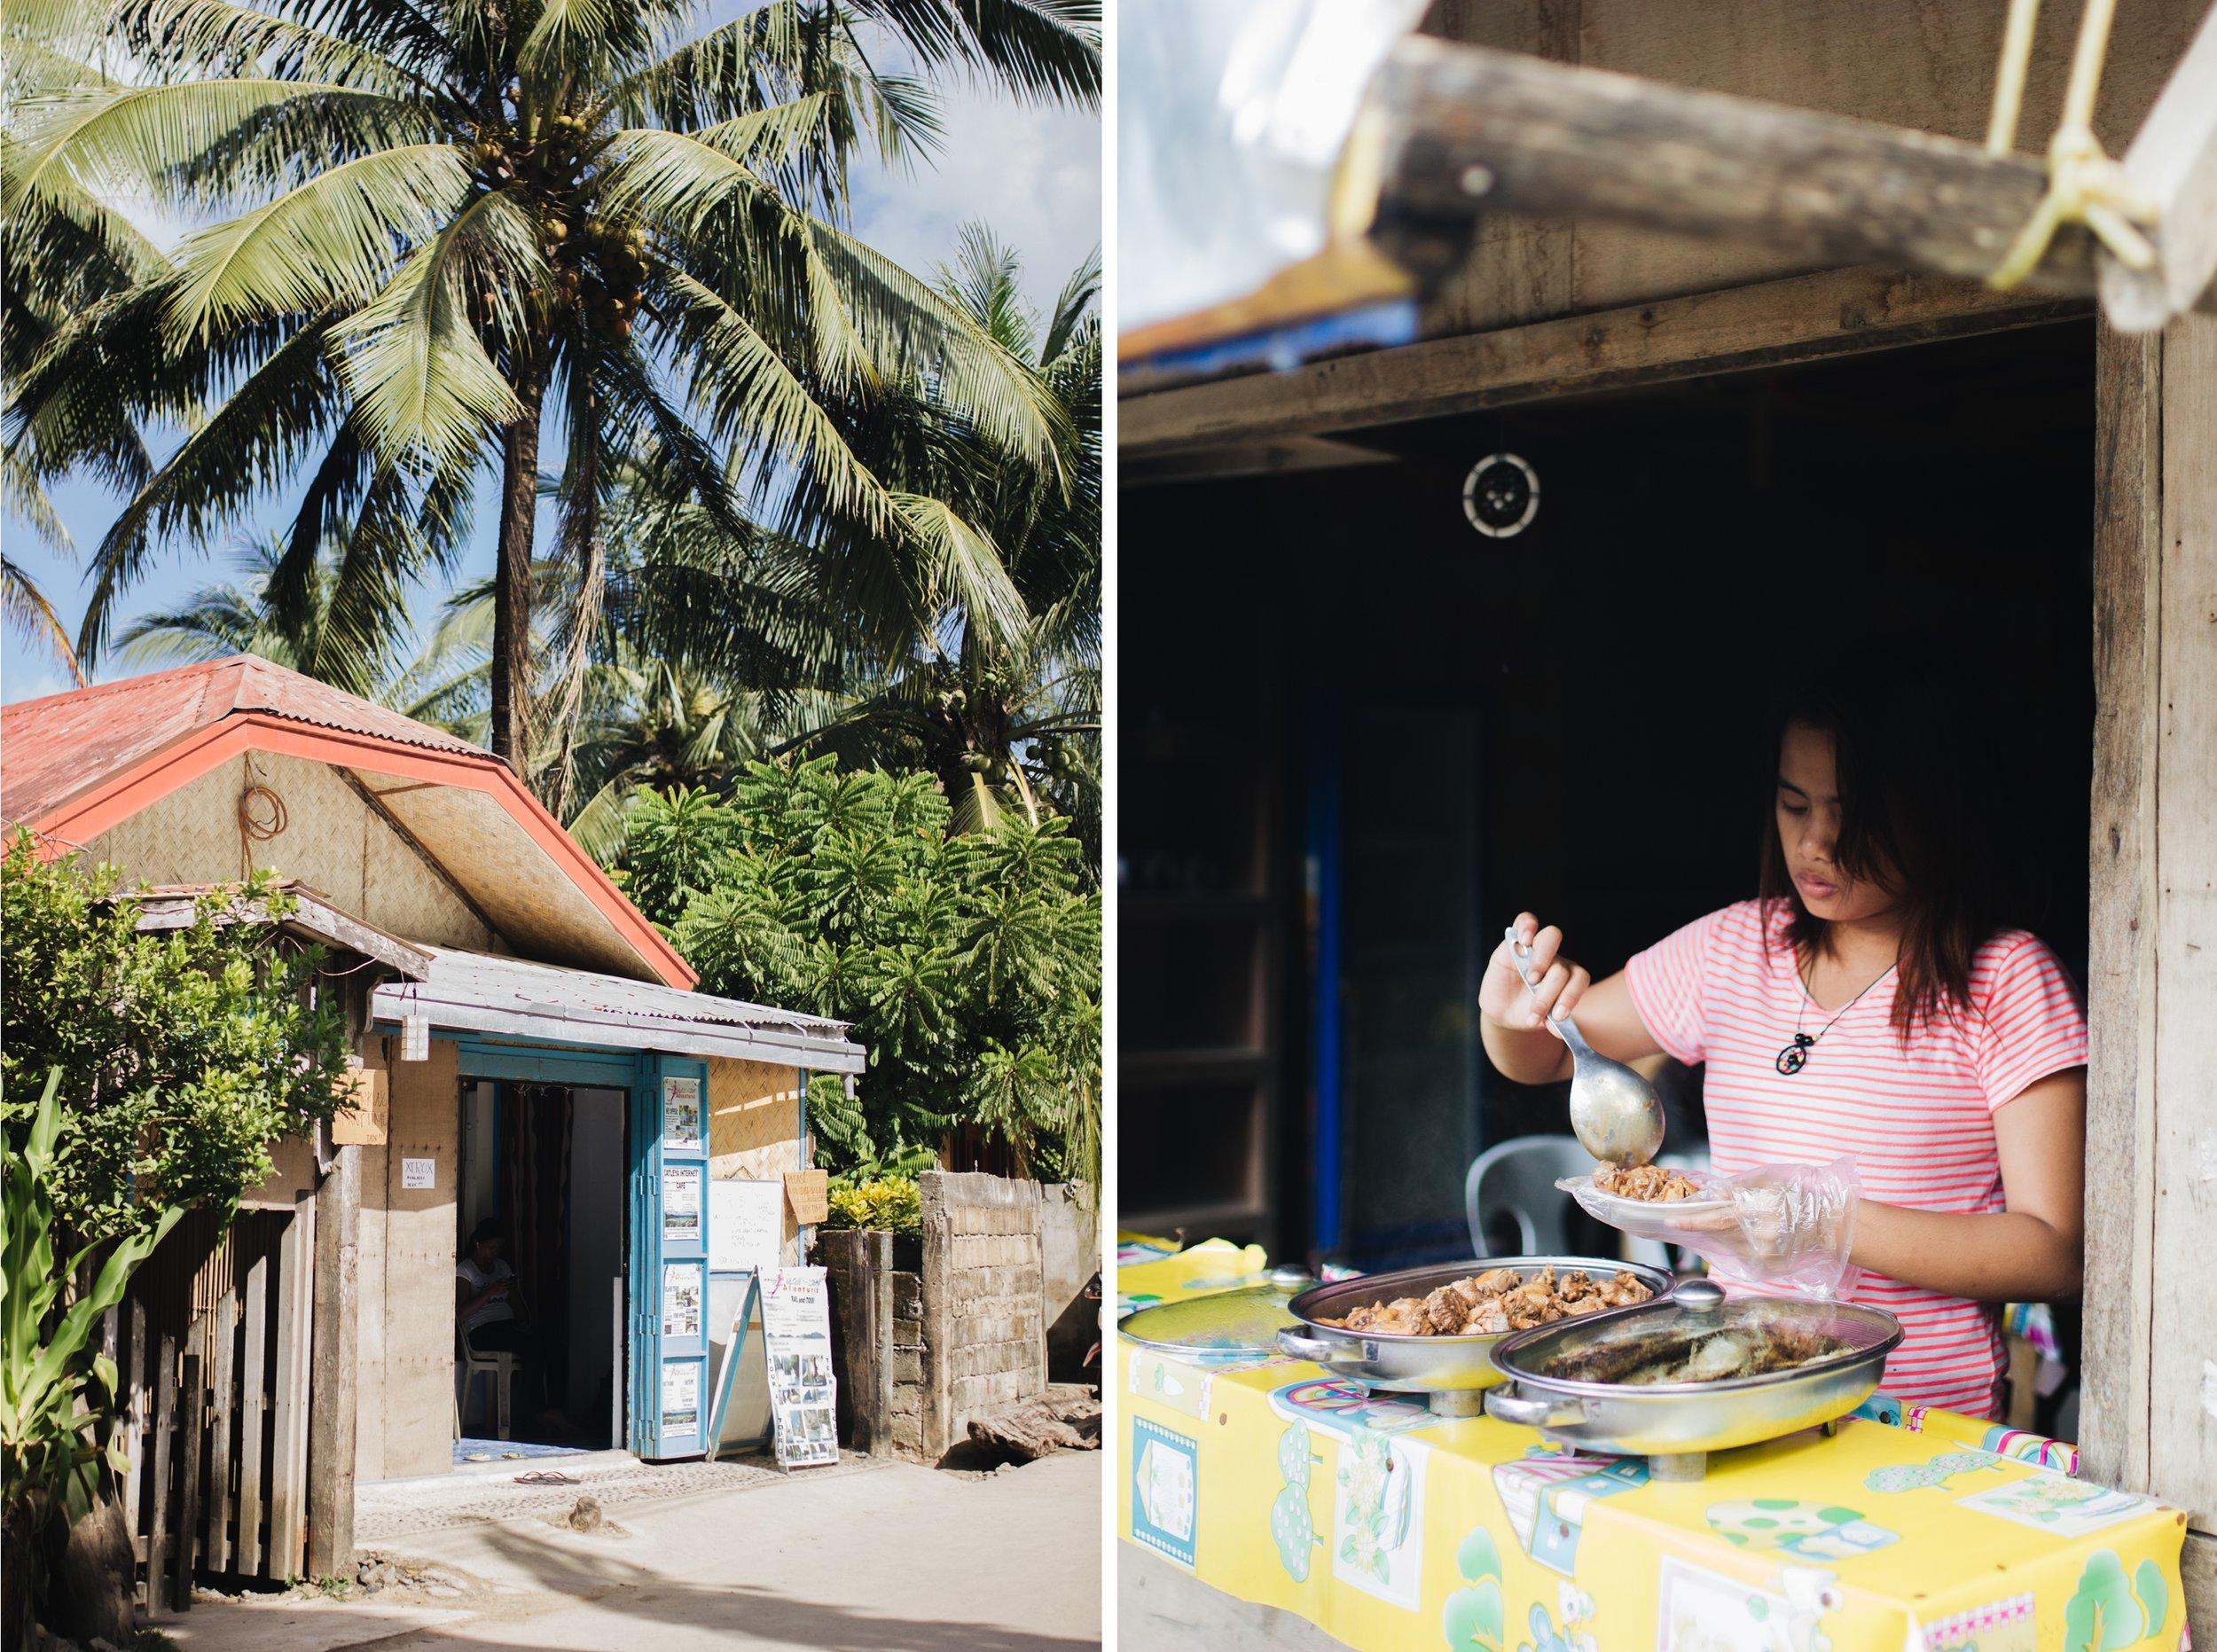 El-Nido-palawan-philippines-voyage-blog-onmyway.jpg